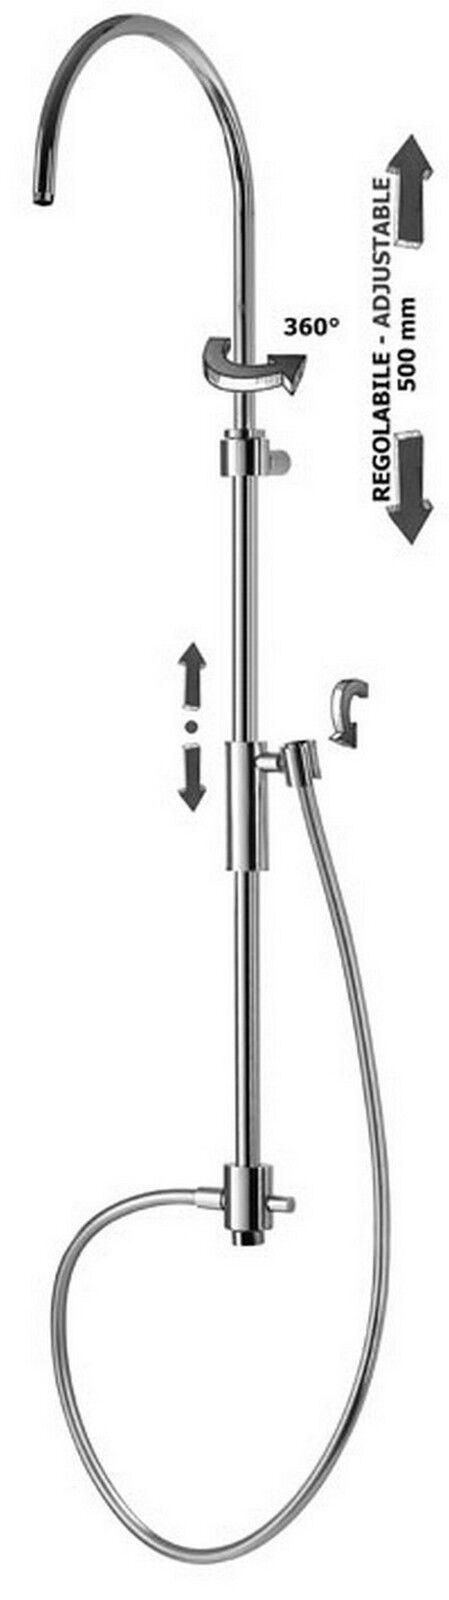 ZCOL719CRX Colonna doccia regolabile BERRY con deviatore PAFFONI